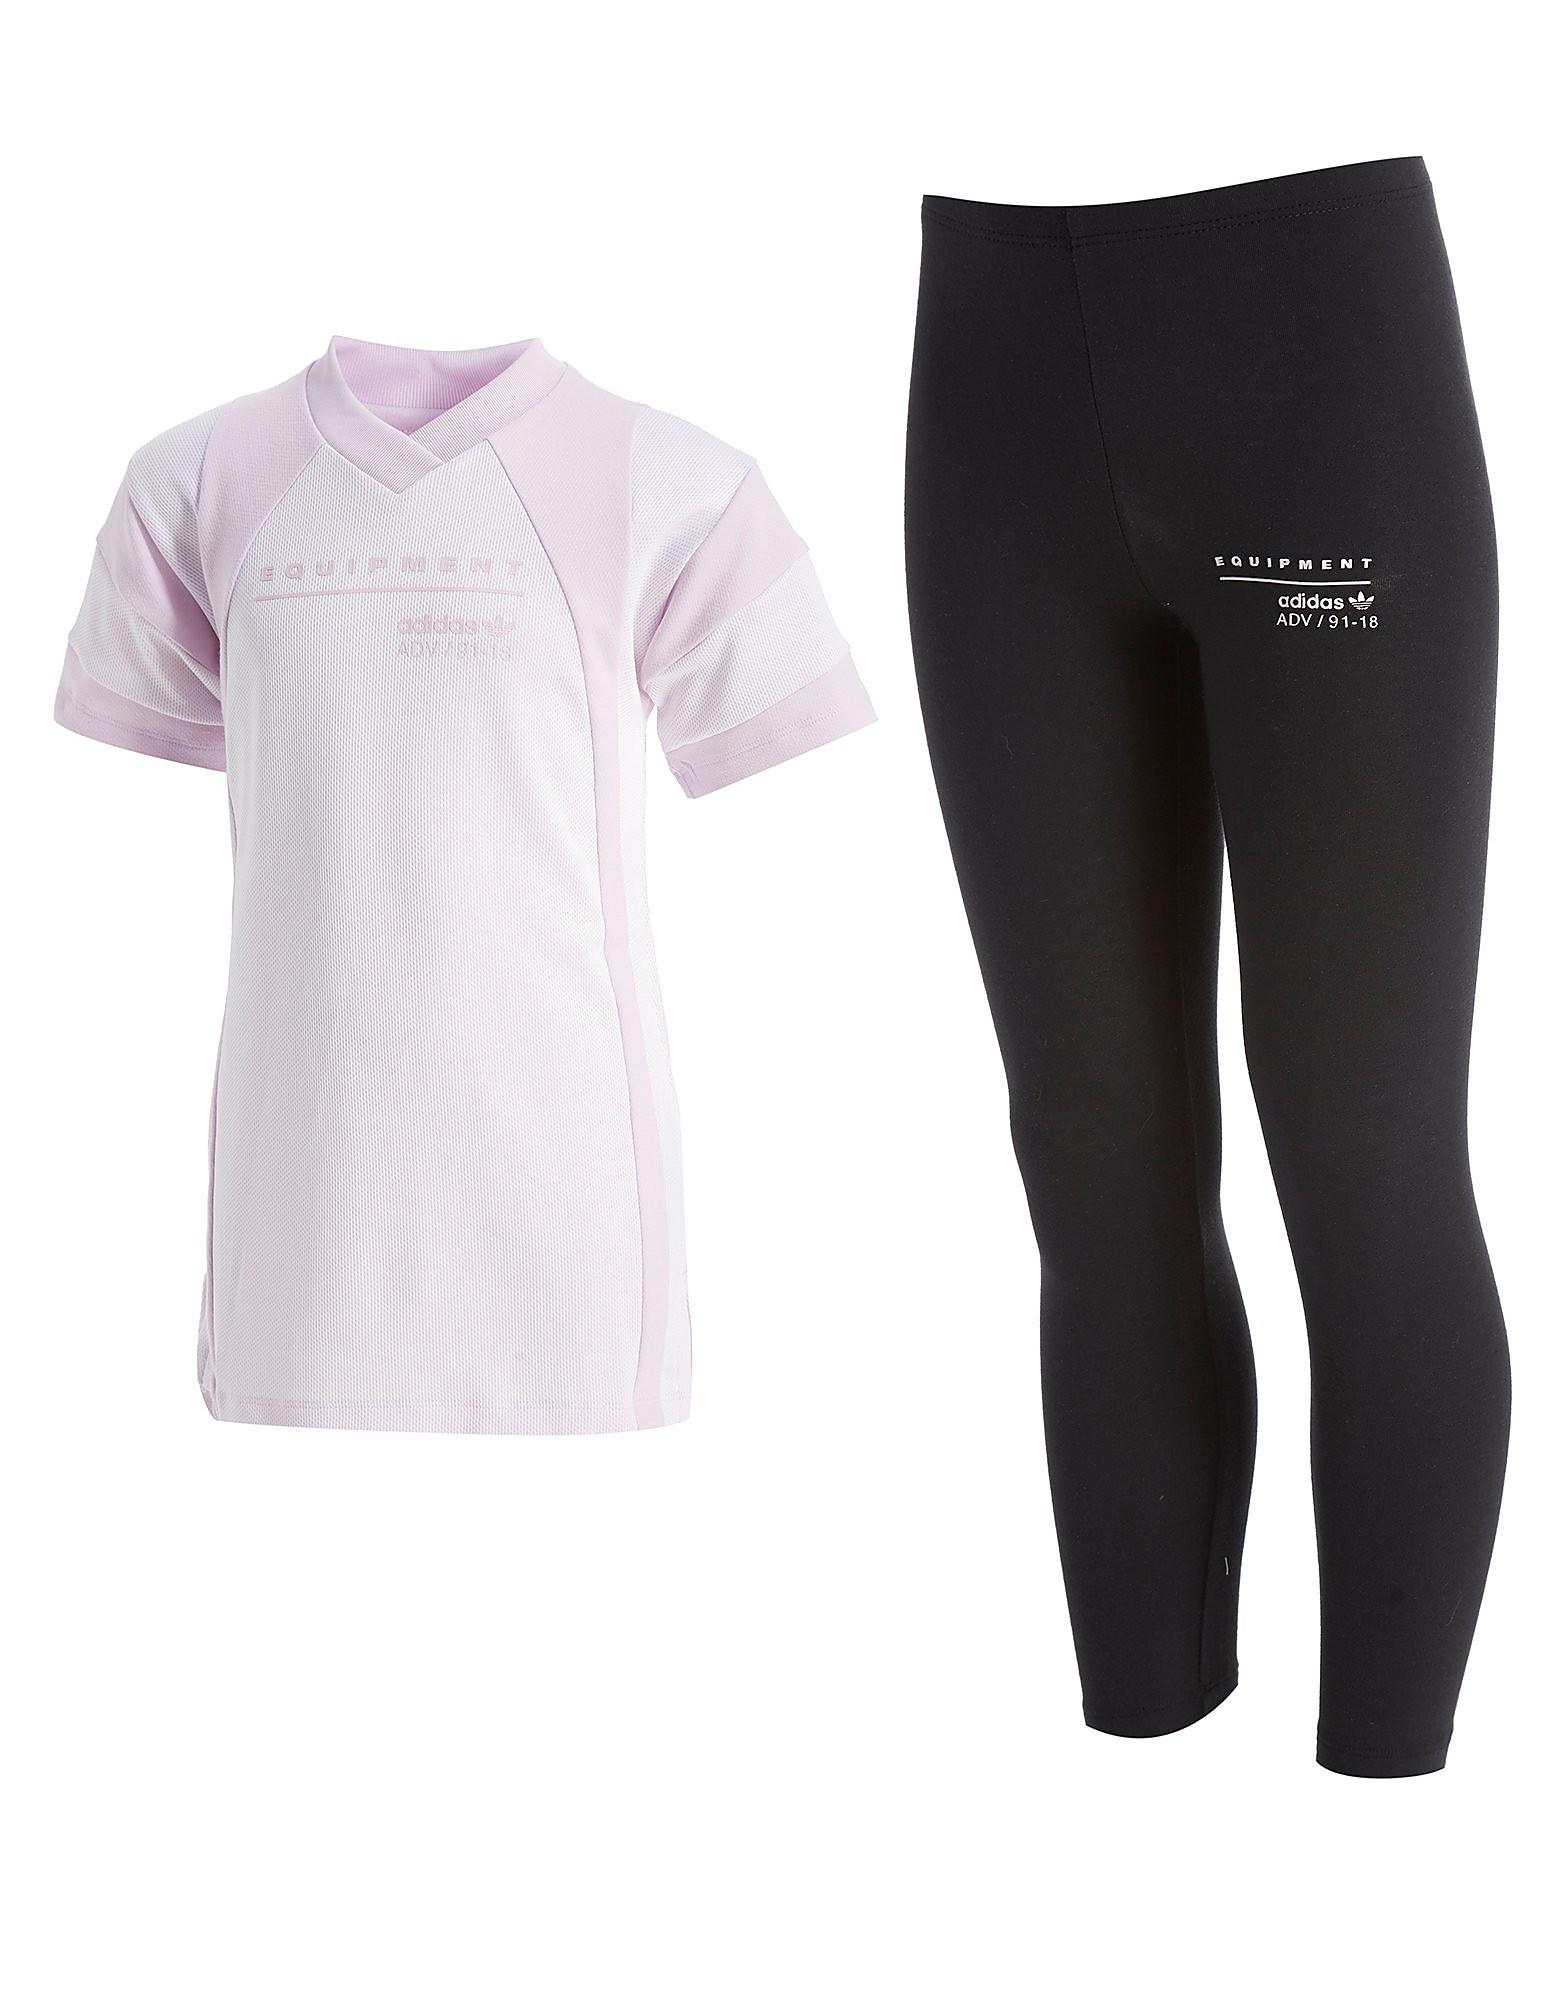 adidas Originals EQT T-Shirt e Leggings Completo Bambina